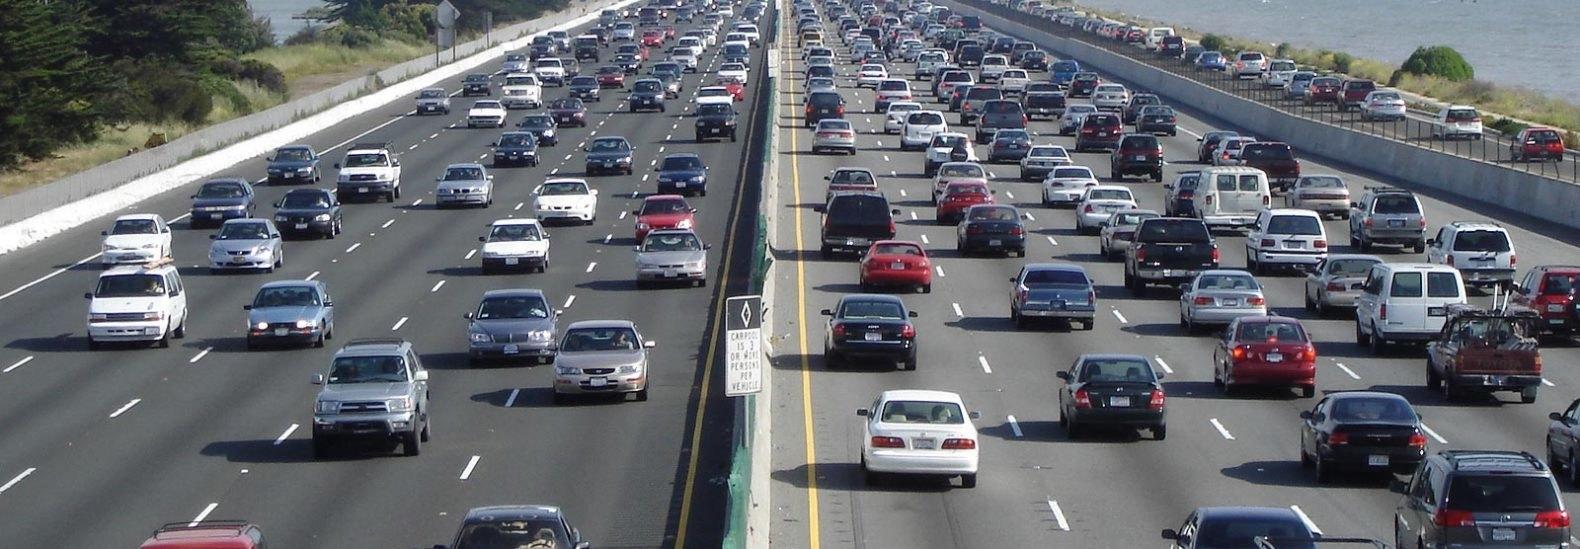 Riuscirà The Boring Company a salvarci dal traffico?